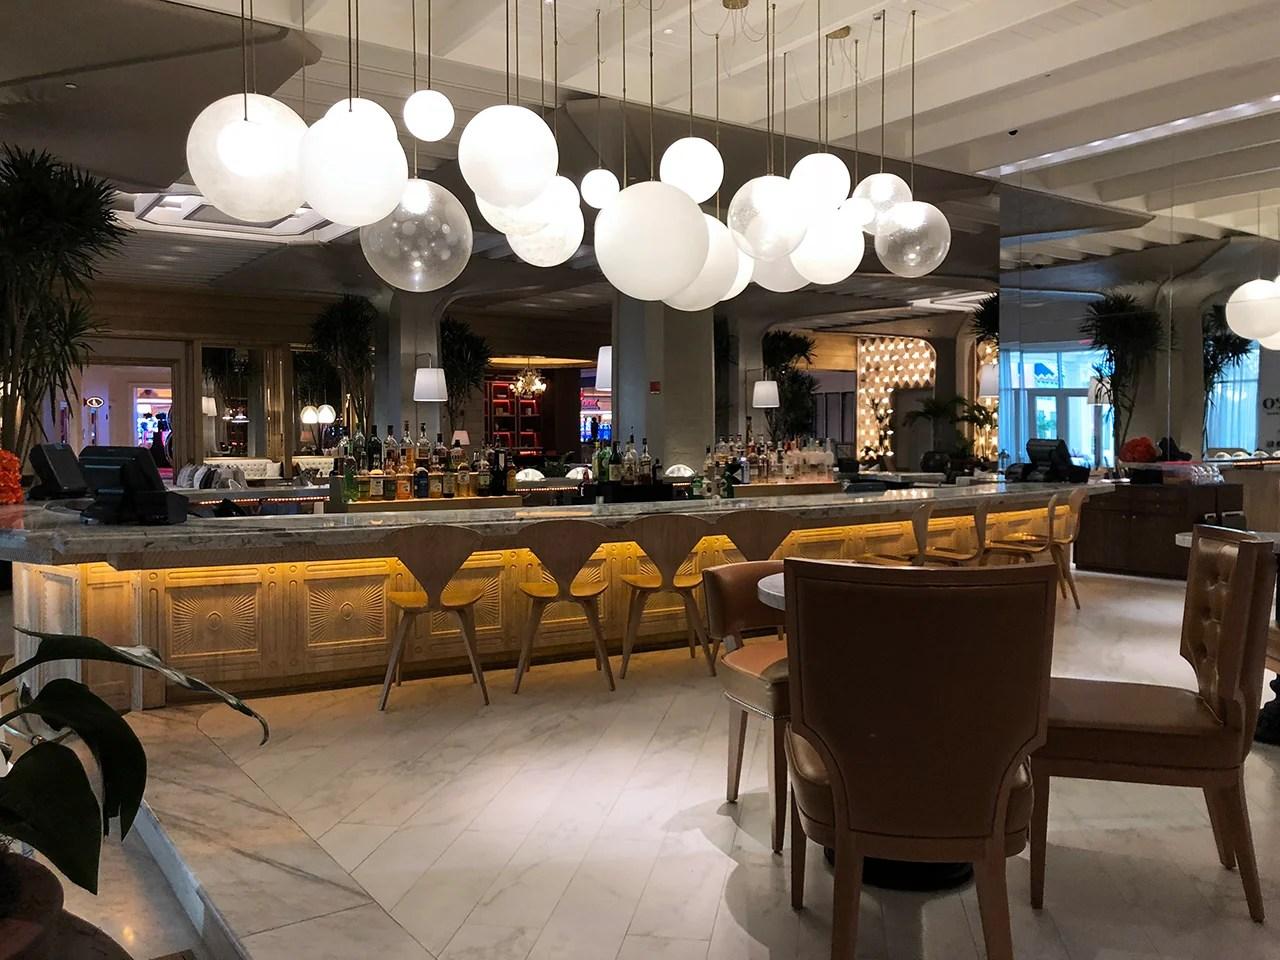 SLS Baha Mar: A Review of Baha Mar's Party Hotel